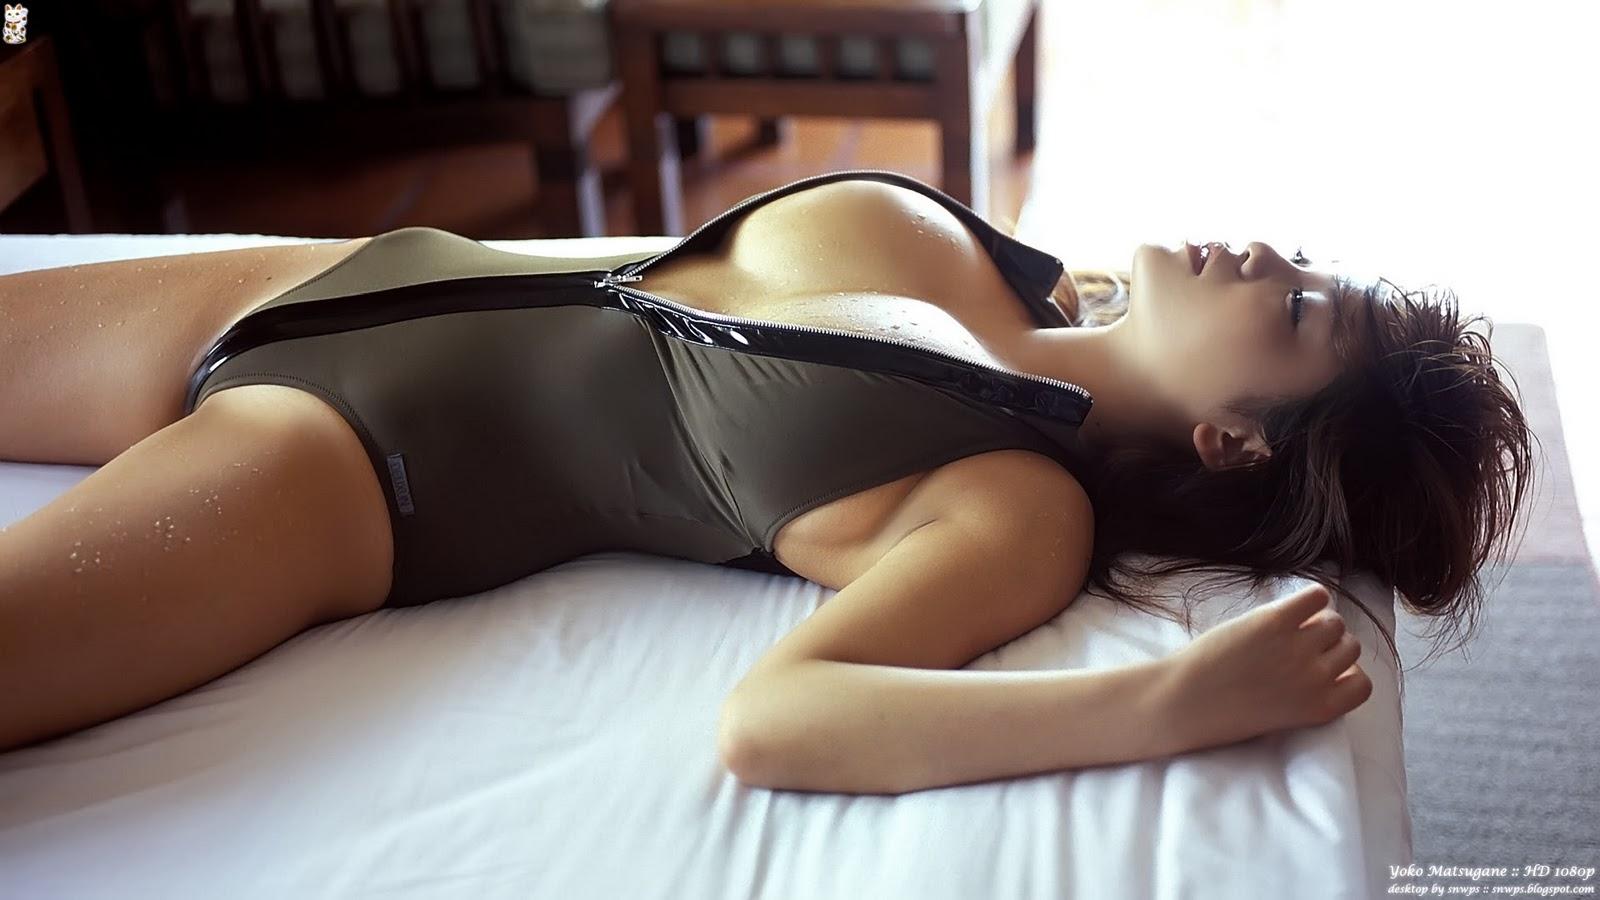 sexy nacked ginget women